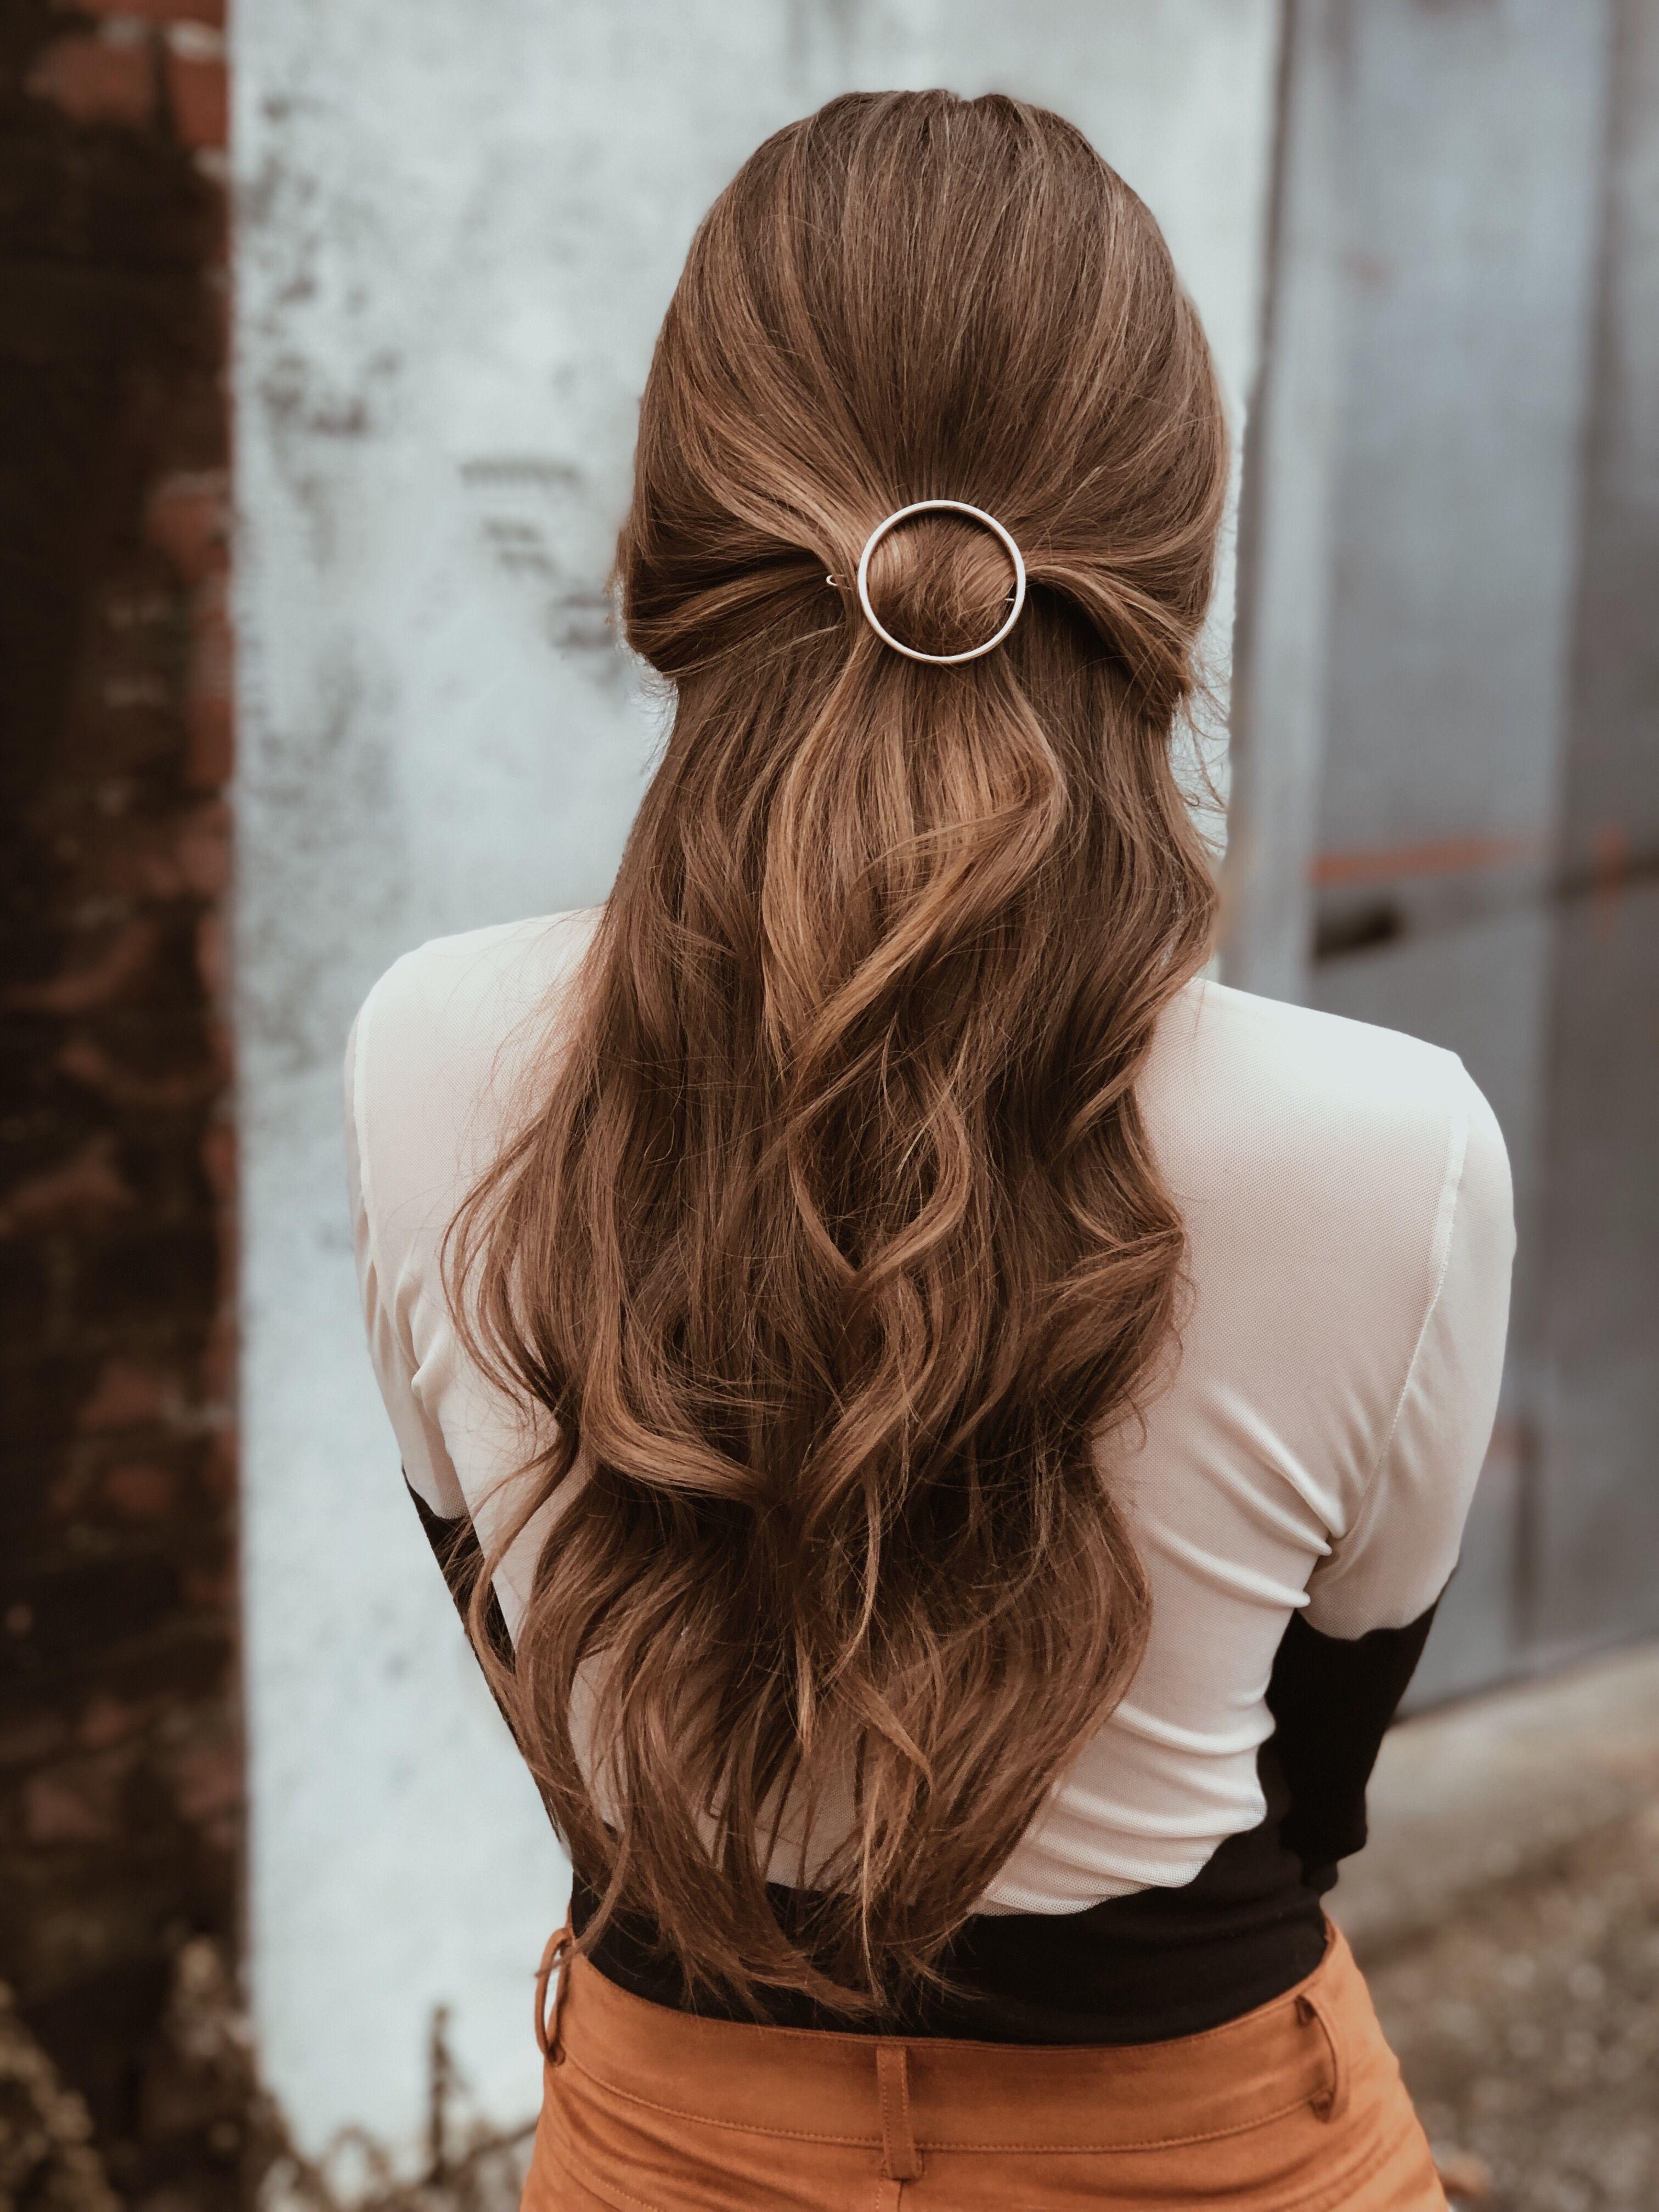 мягкое, фото укладка длинных волос повседневная провансе популярны